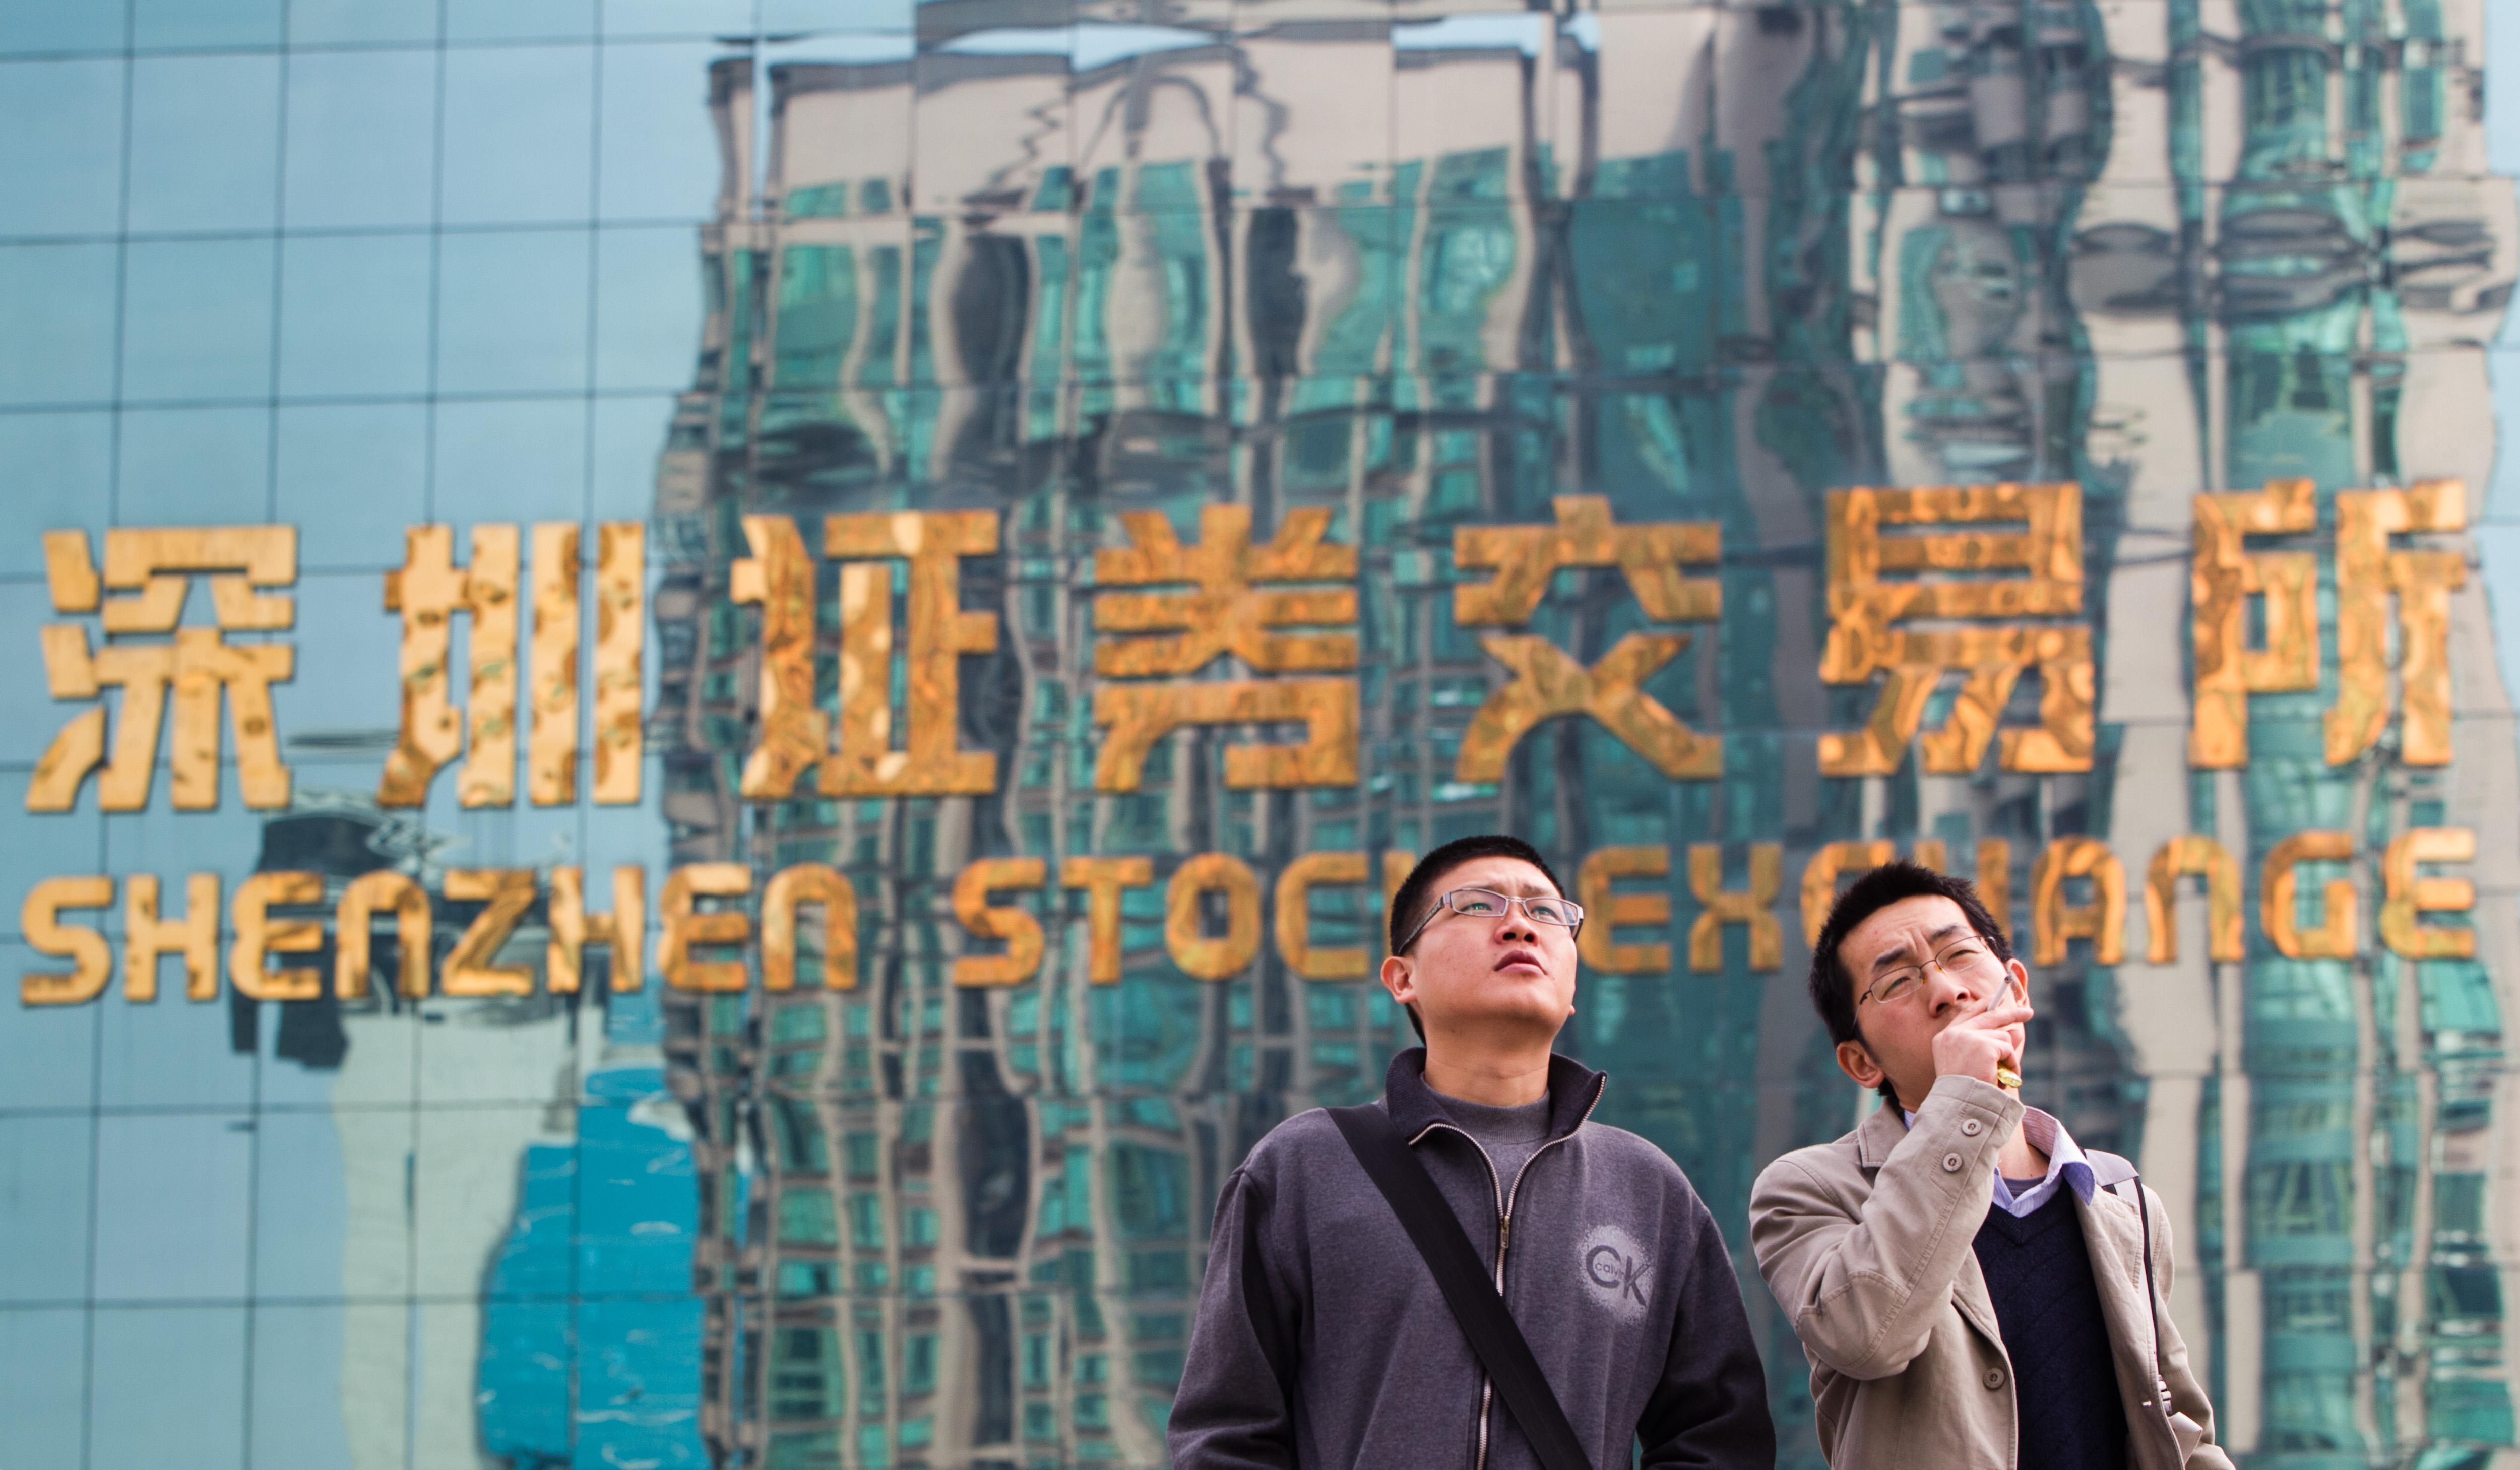 Shenzhen Stock Exchange. Photo: VCG